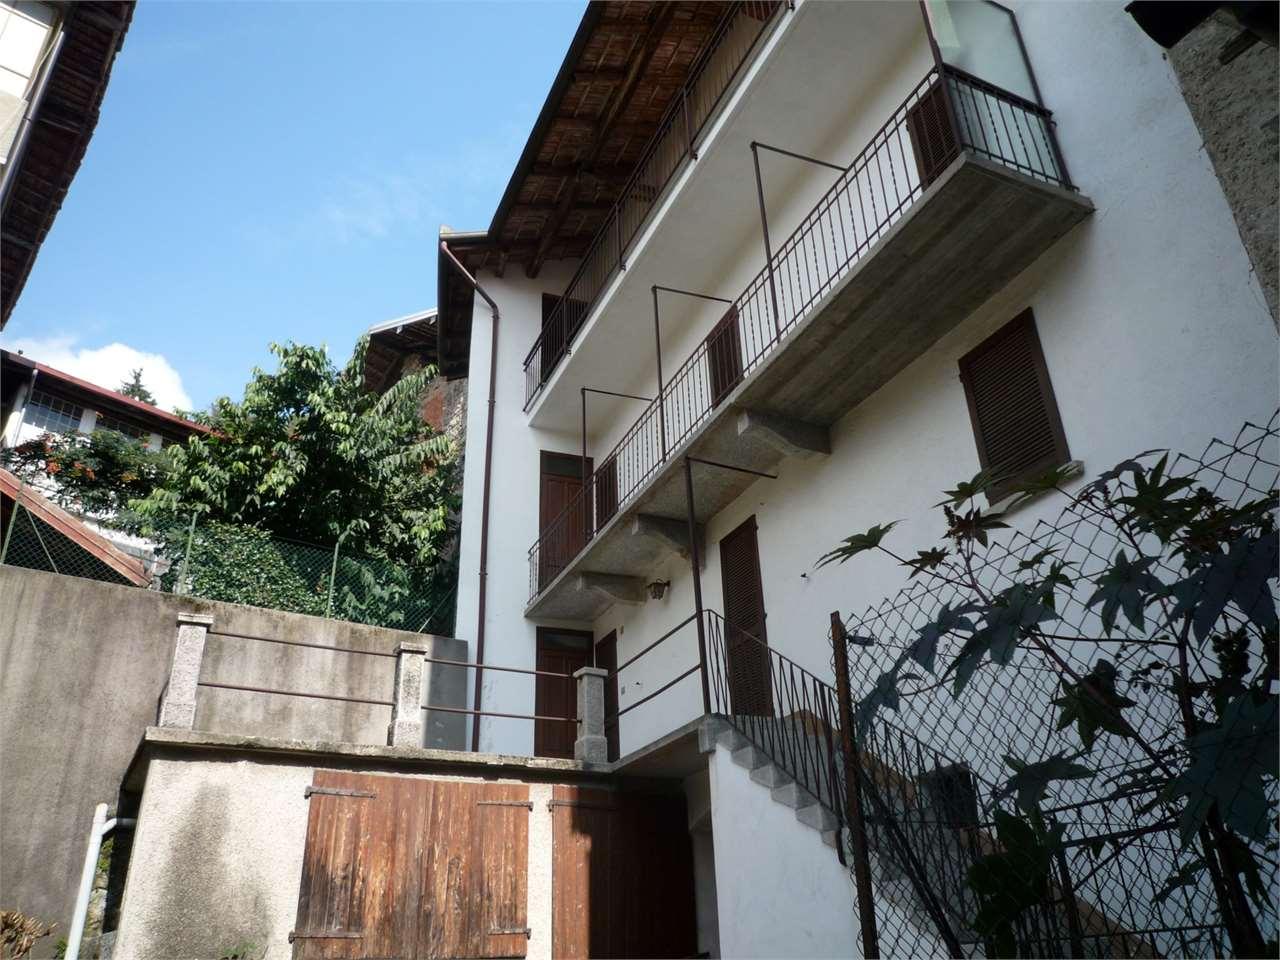 Vendita Casa Indipendente Casa/Villa Colazza Via Nazionale 7 7318